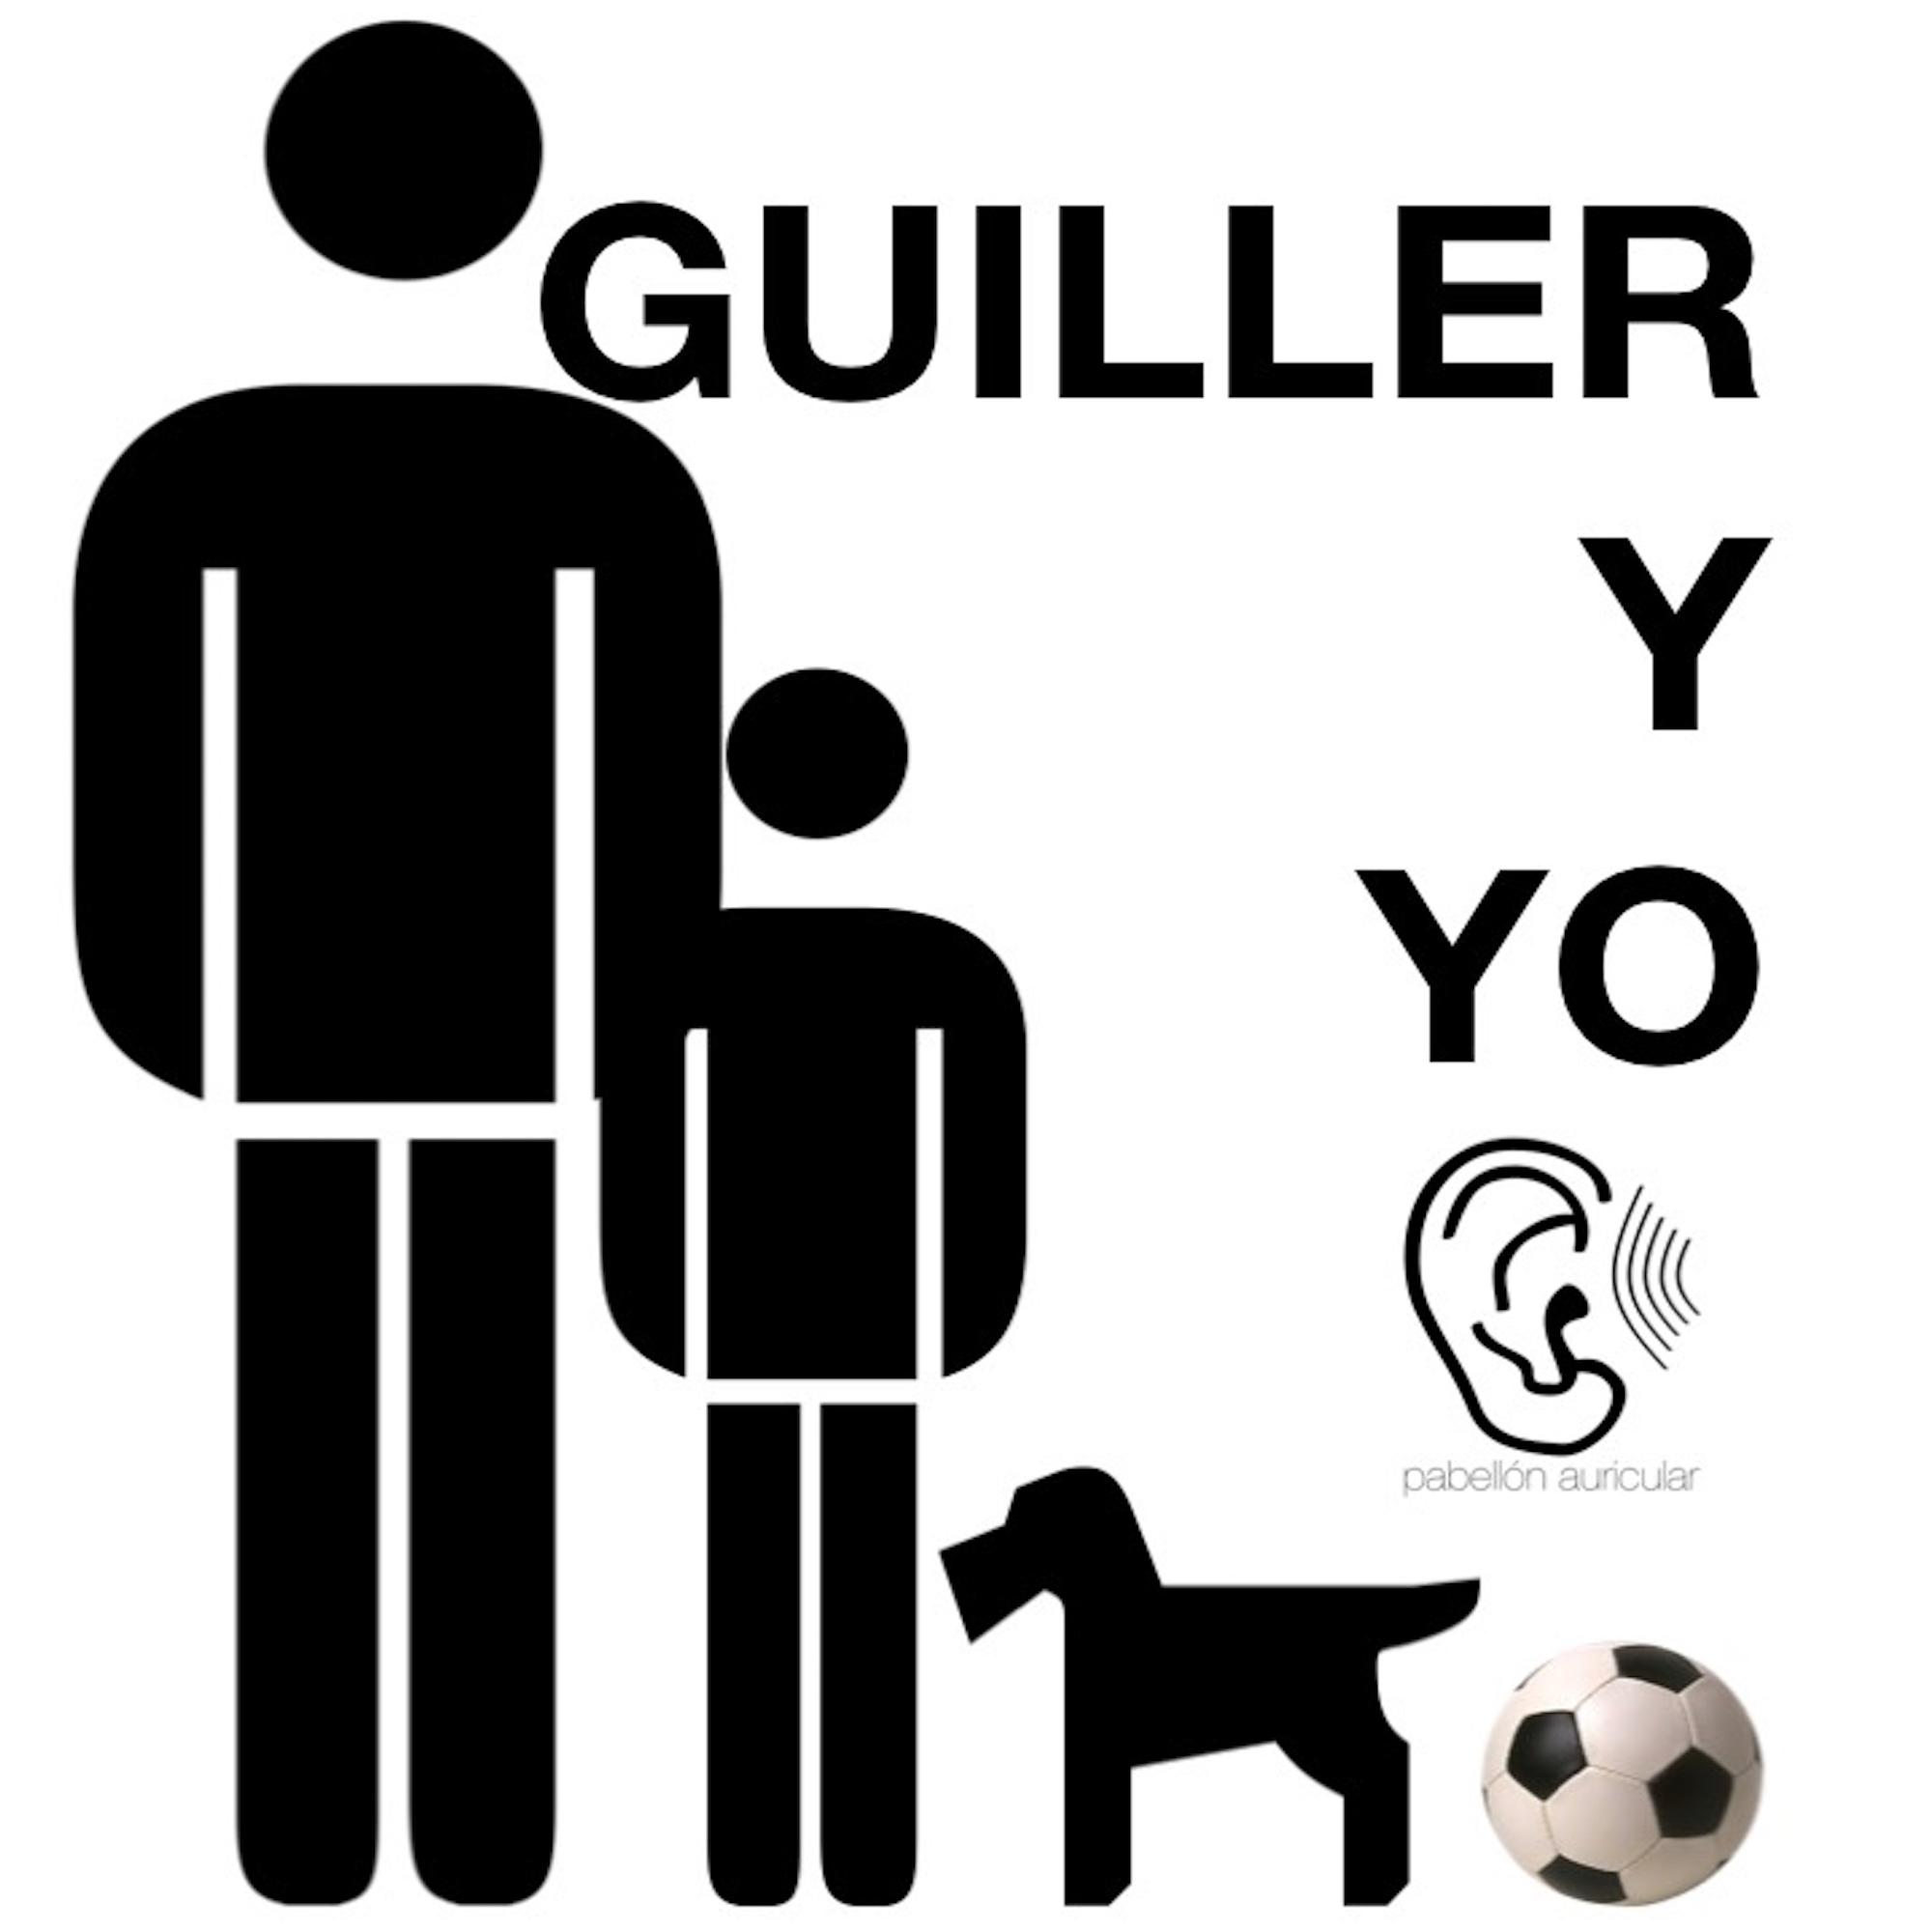 GUILLERYYO